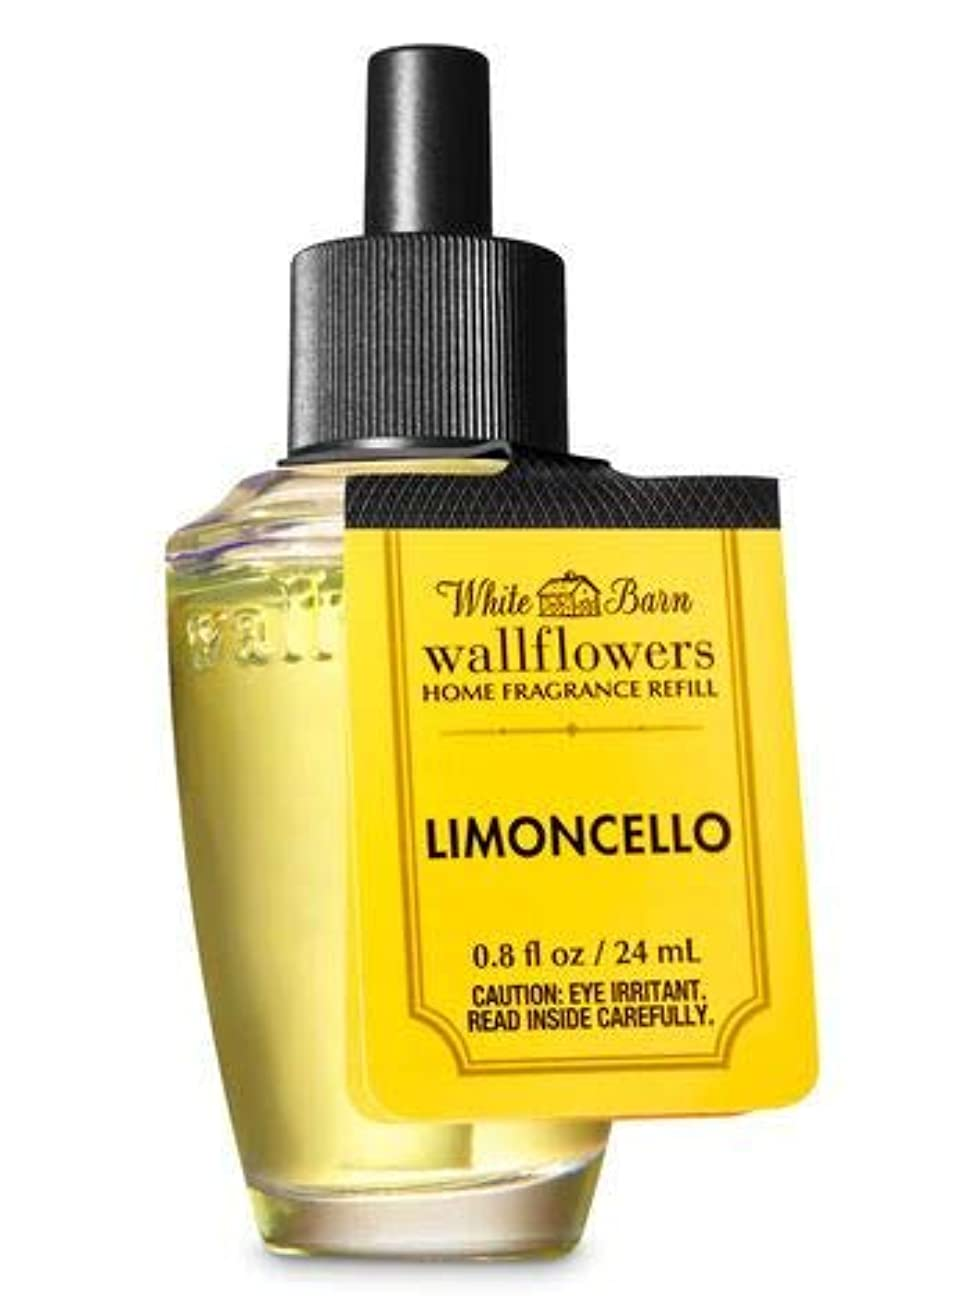 バンドマトン労働者【Bath&Body Works/バス&ボディワークス】 ルームフレグランス 詰替えリフィル リモンチェッロ Wallflowers Home Fragrance Refill Limoncello [並行輸入品]